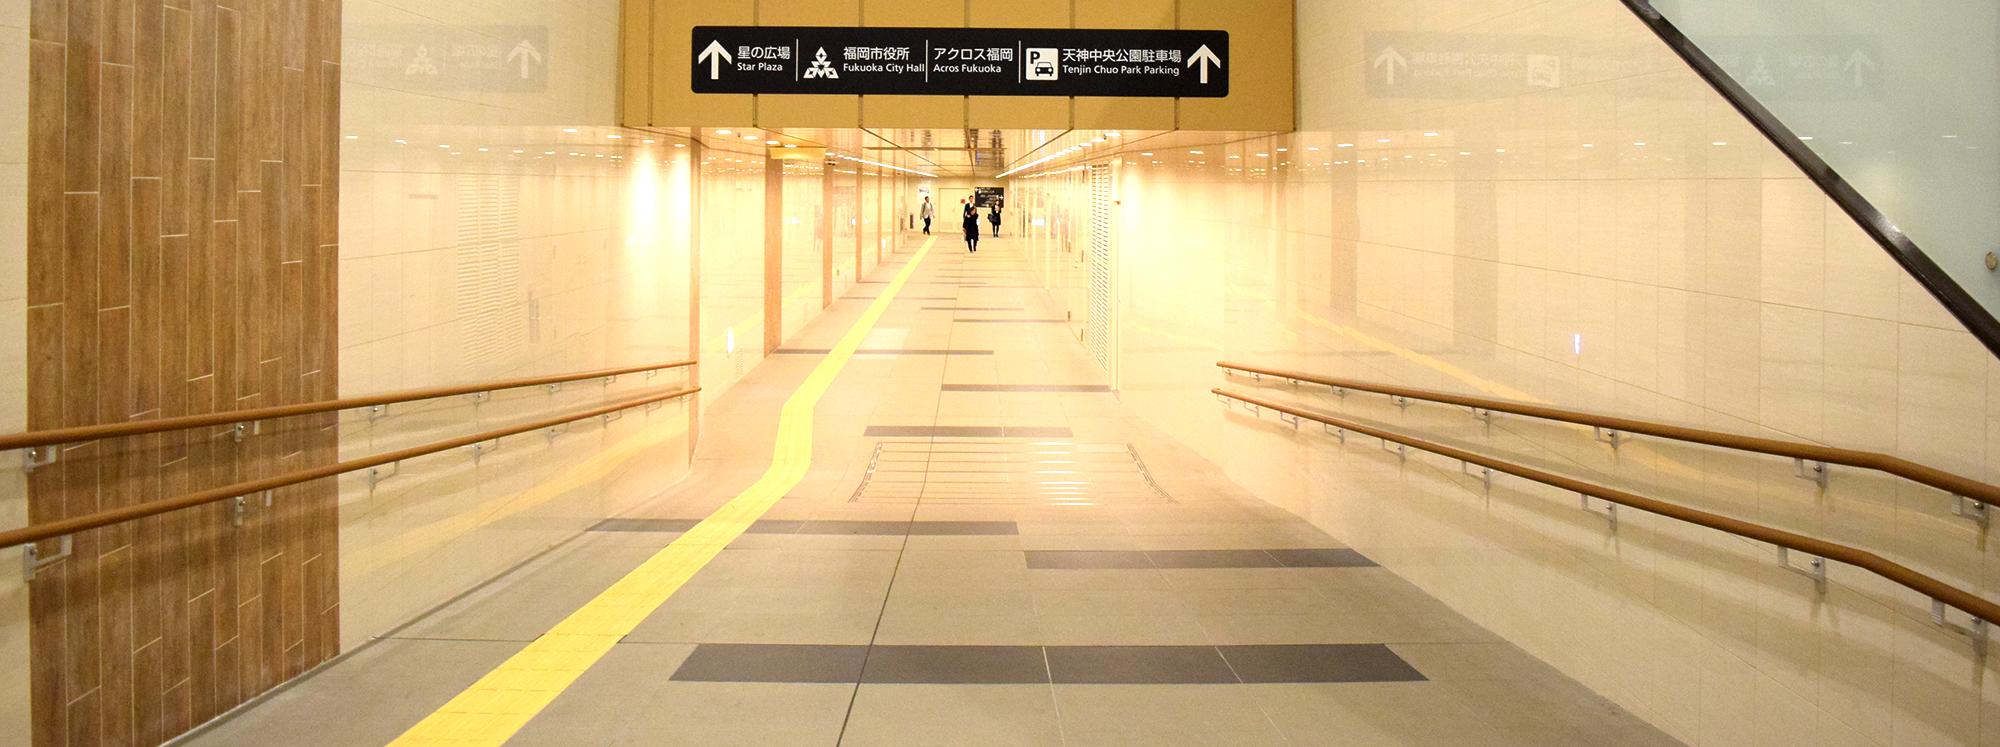 市道天神3号線外地下通路・地下駐輪場建築工事